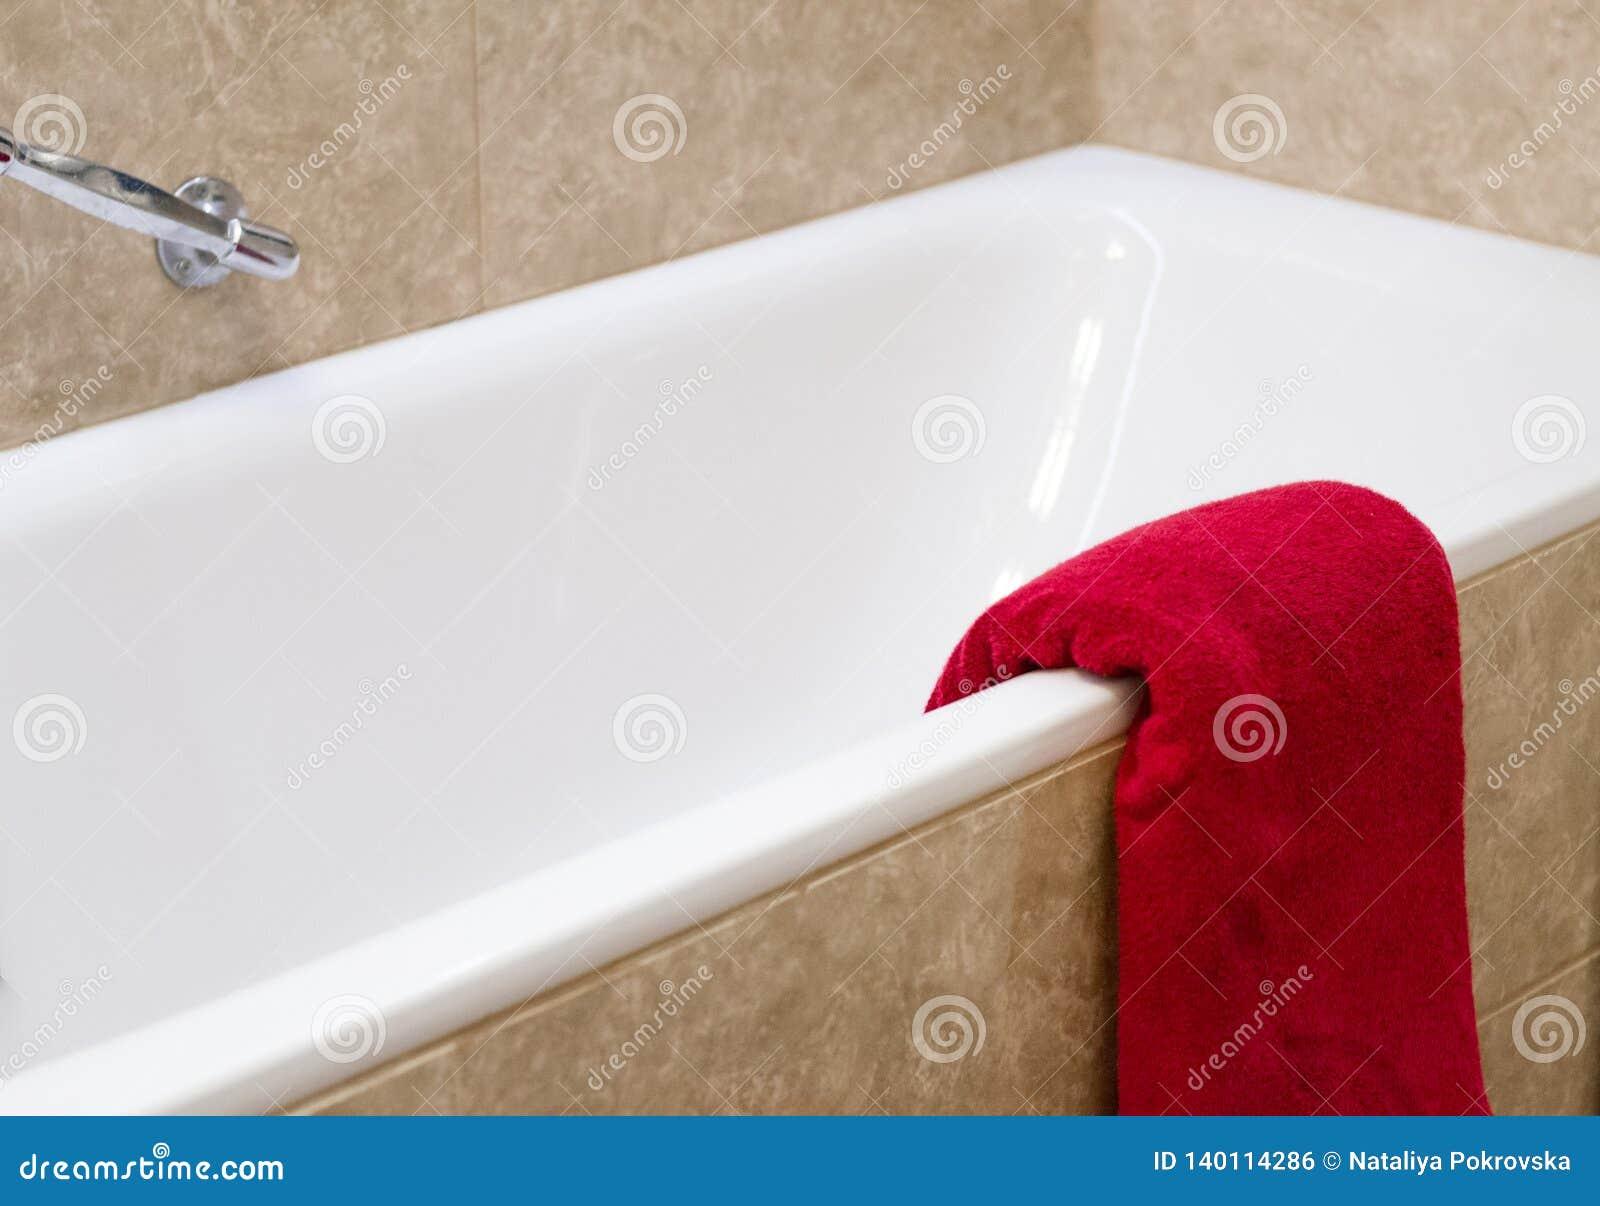 Rotes Terry-Badtuch ist auf Bad mit beige Fliesen